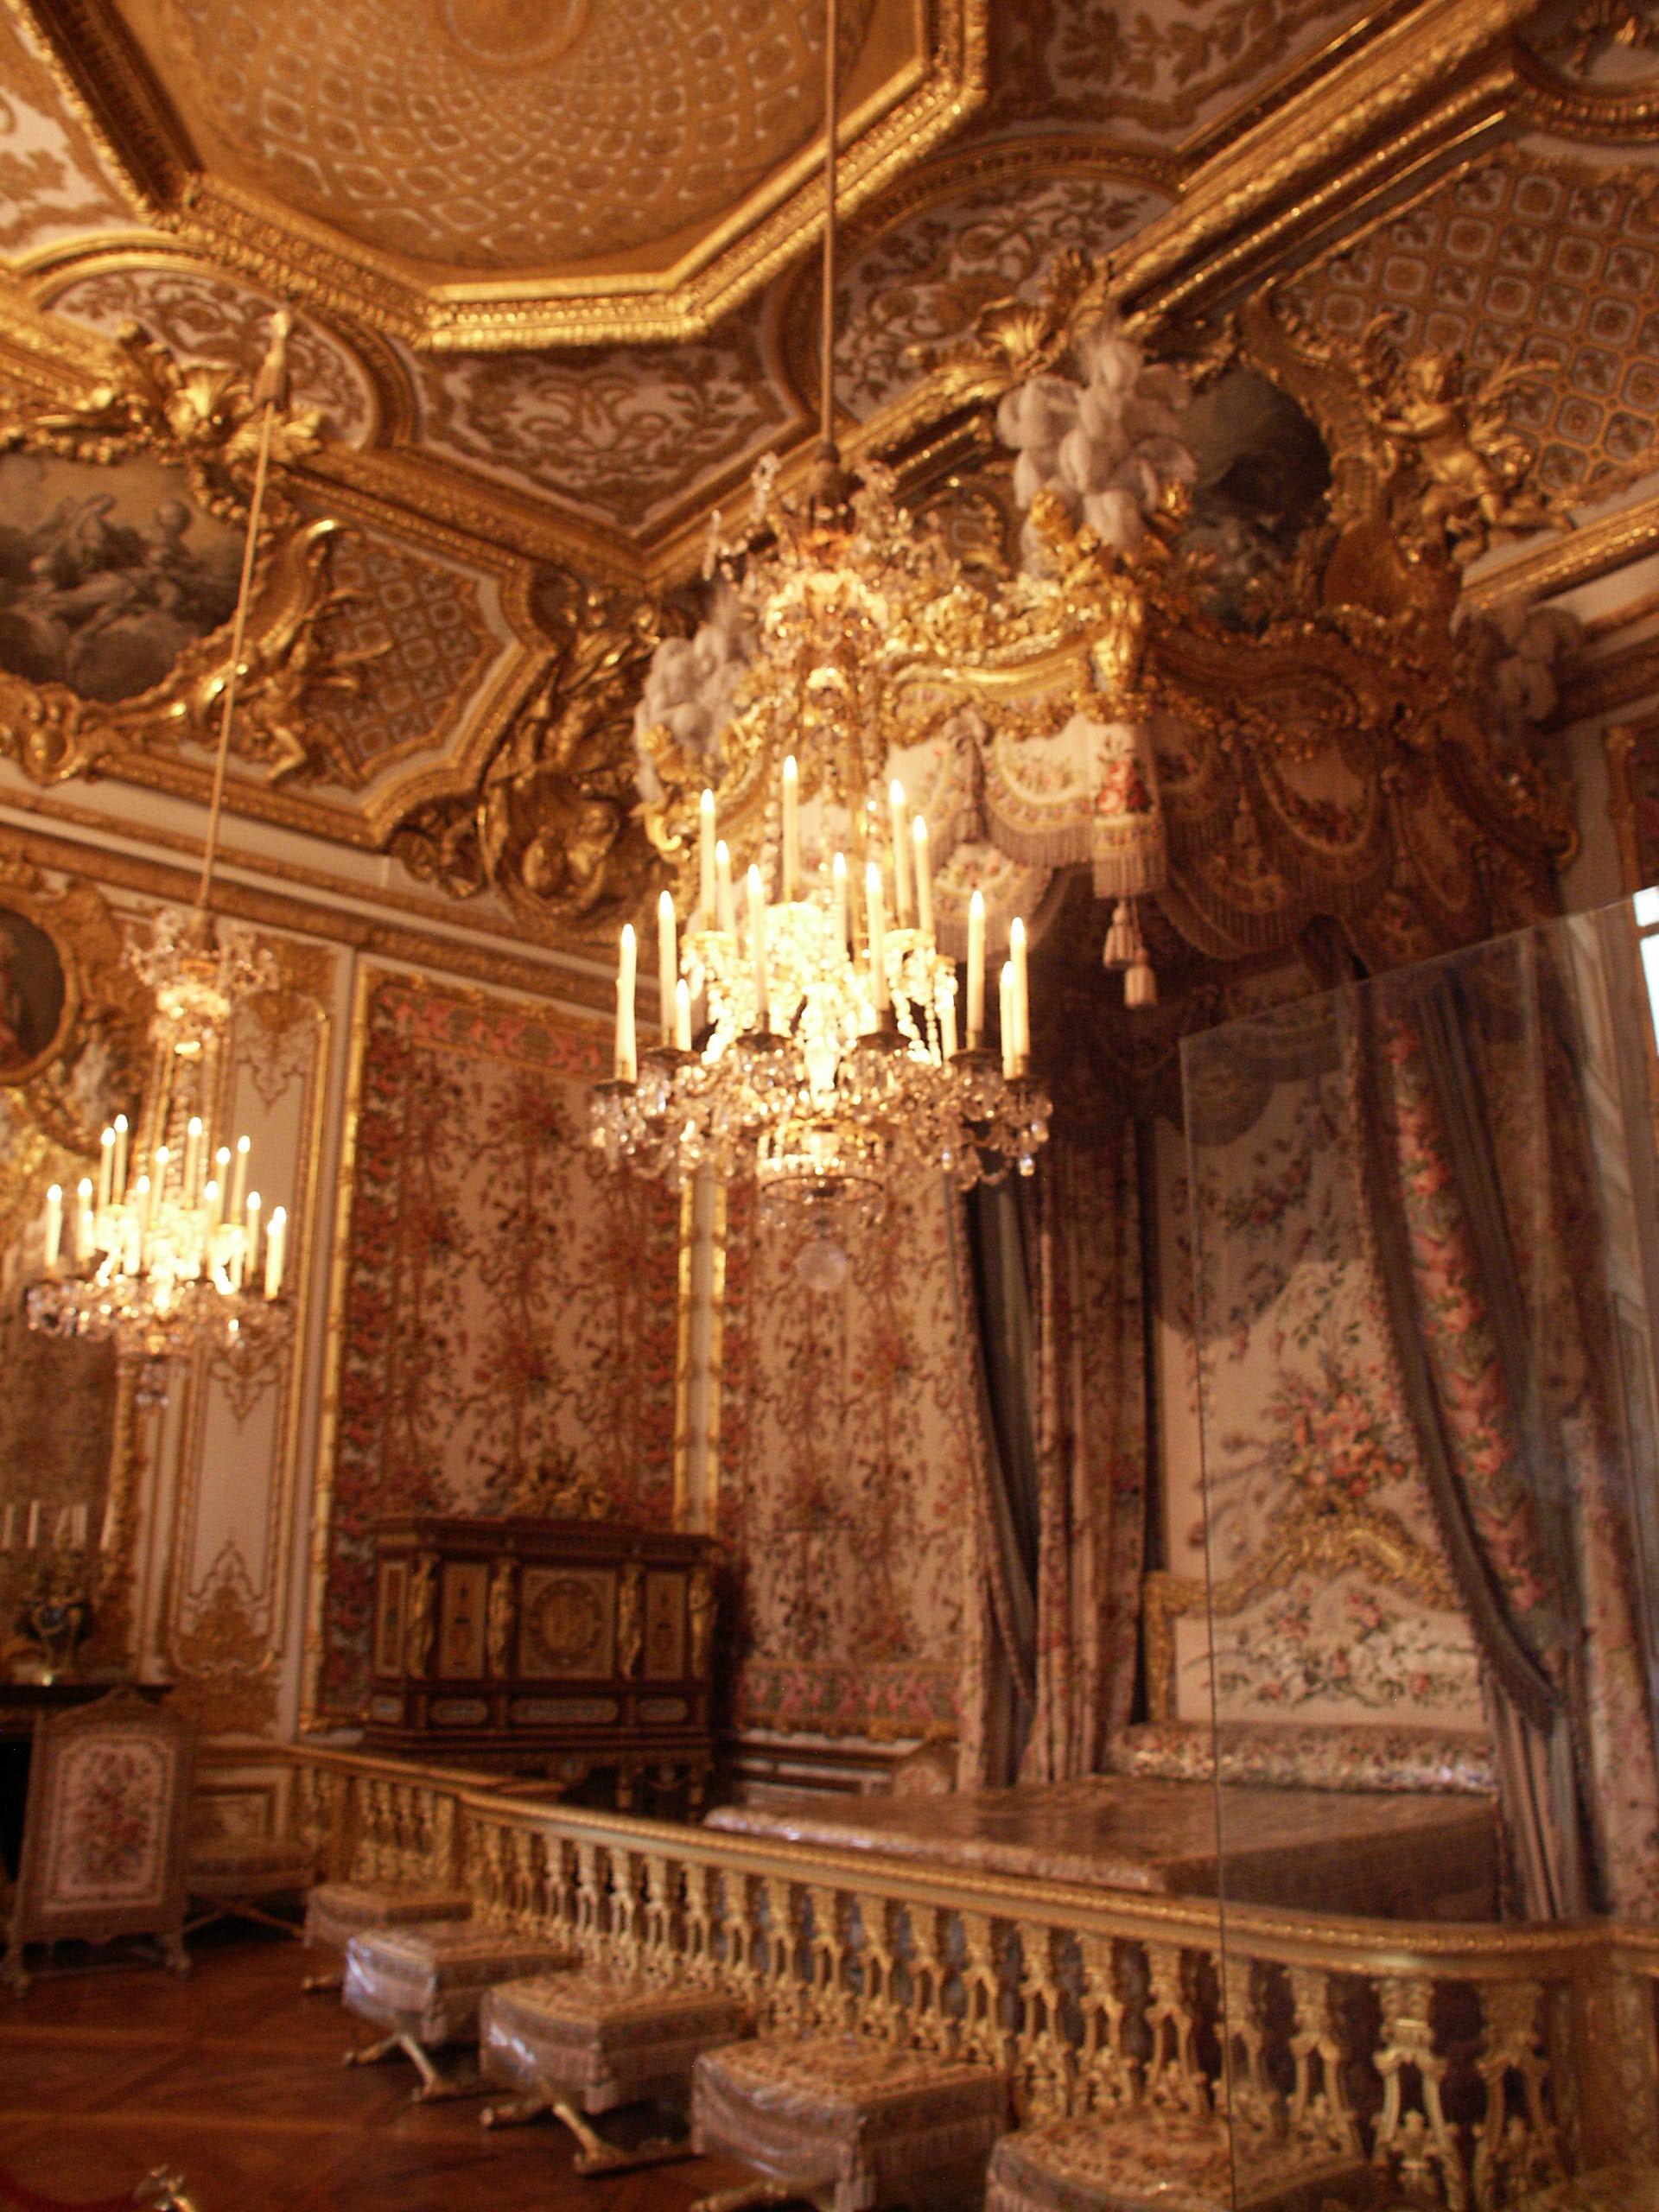 Chambre de la reine for Chambre de france